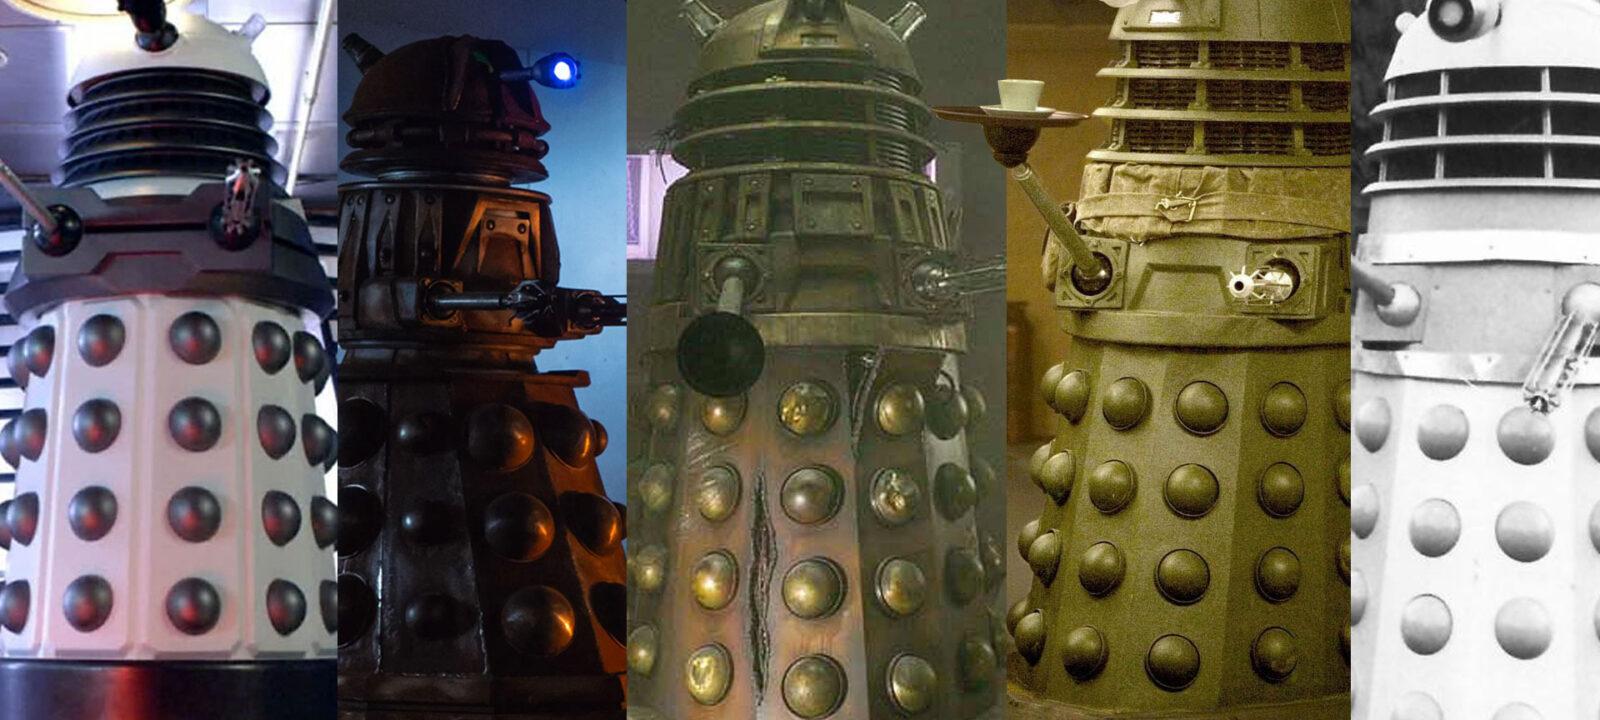 Daleks-Header—1920×1080